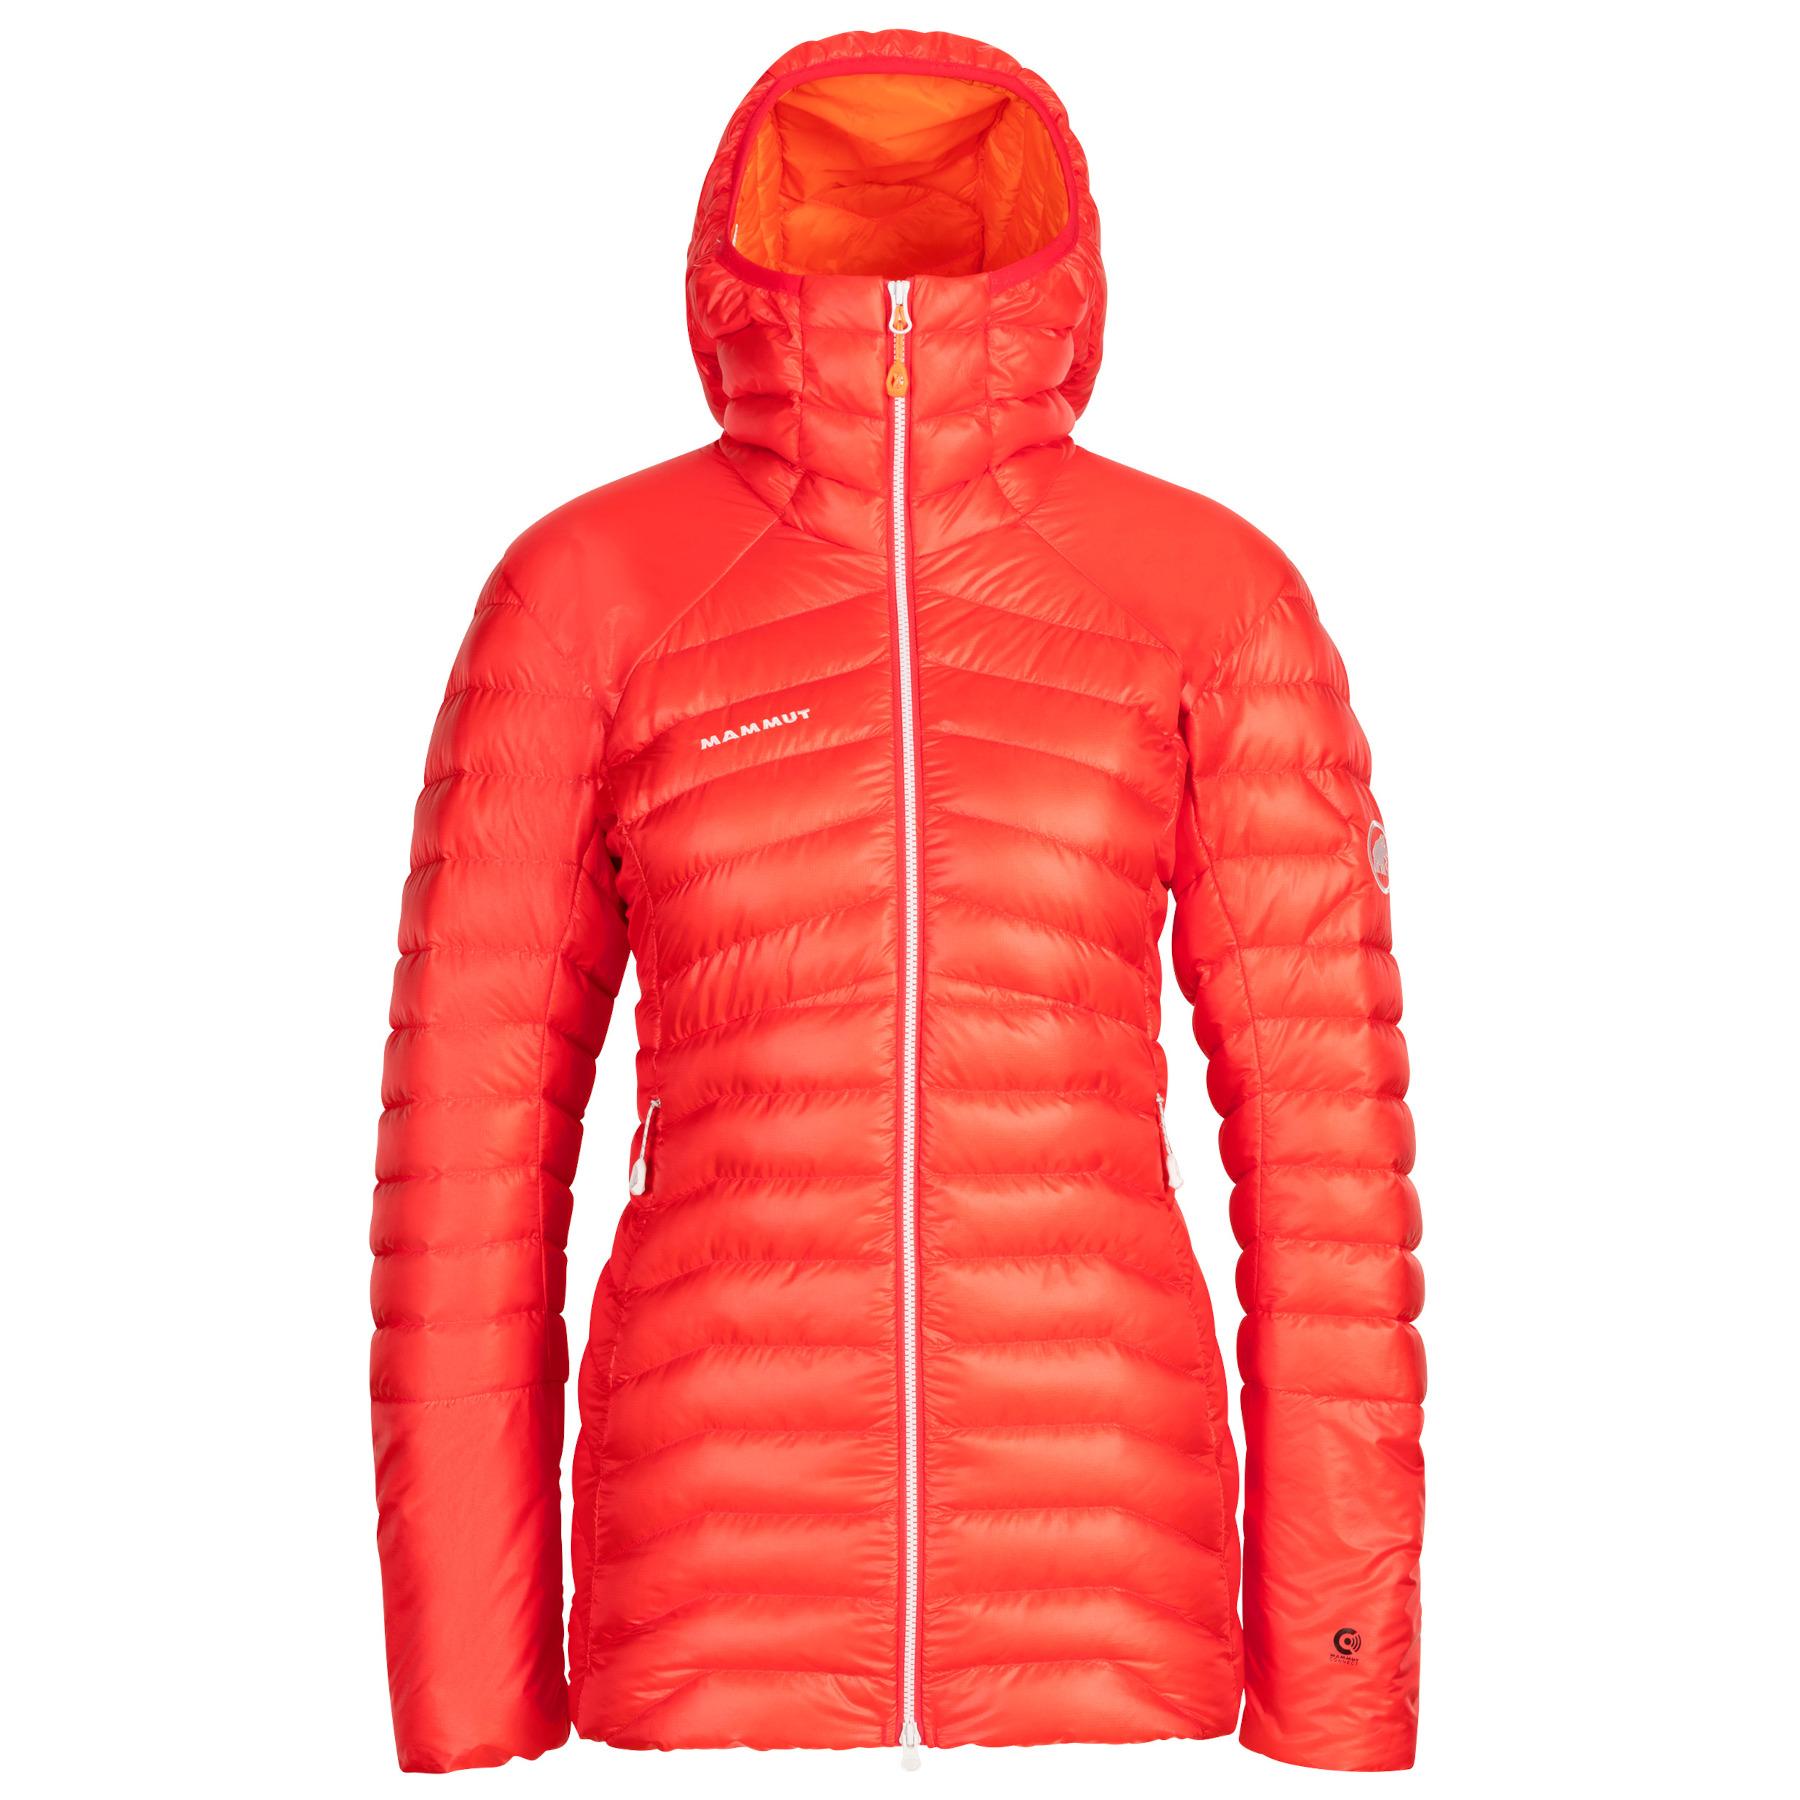 Mammut Eigerjoch Advanced Insulated Hooded Jacket Women - azalea